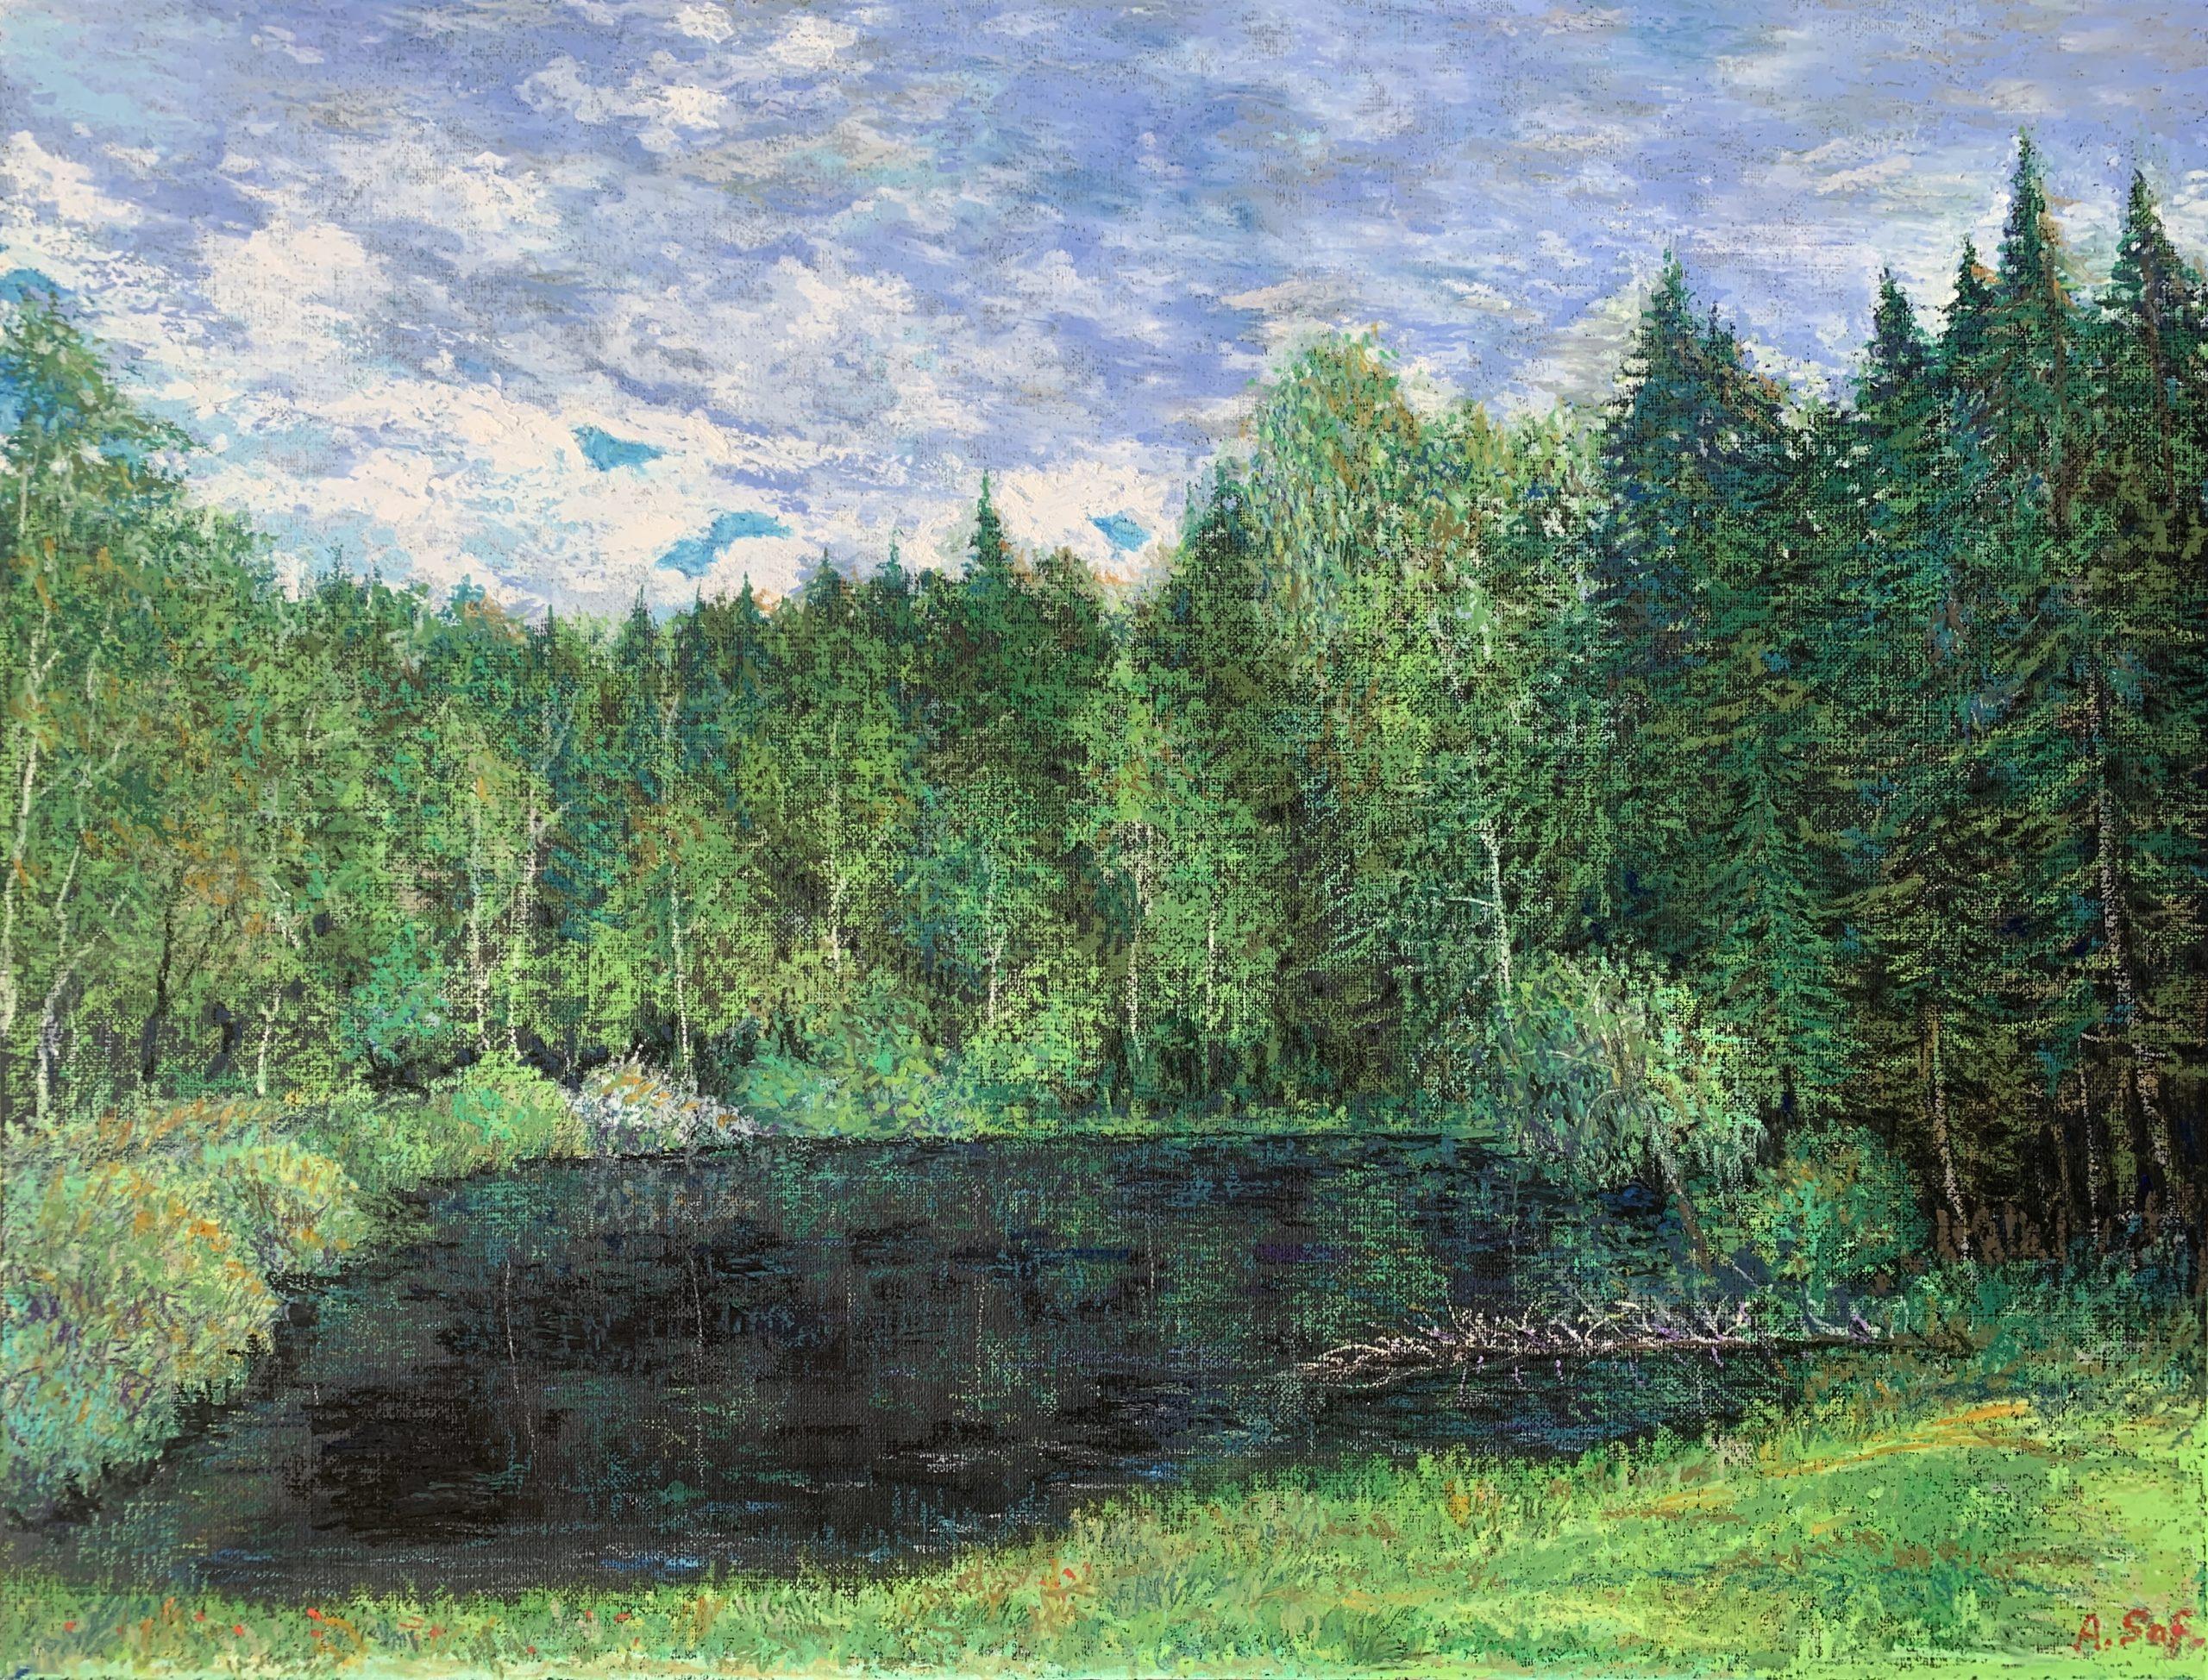 прудик у дороги масляная пастель картина пейзажи природа художник Альберт Сафиуллин